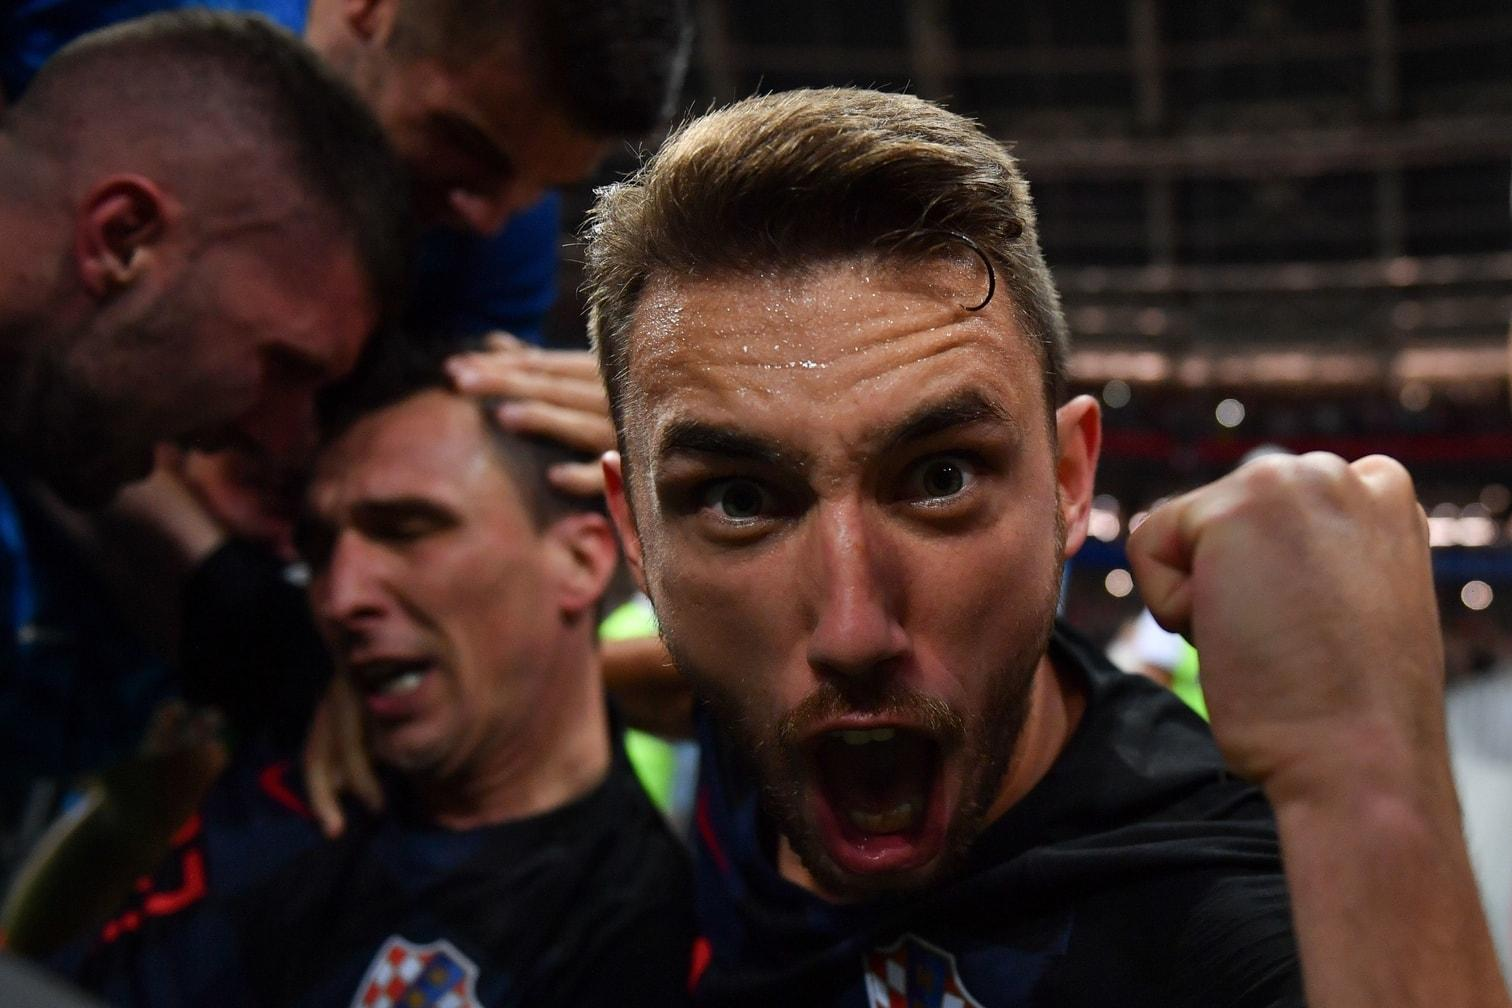 <p>Cortez wahrte auch unter dem Berg der Spieler seine Reflexe als Fotograf und schoss einige Aufnahmen aus nächster Nähe.</p> Foto: AFP